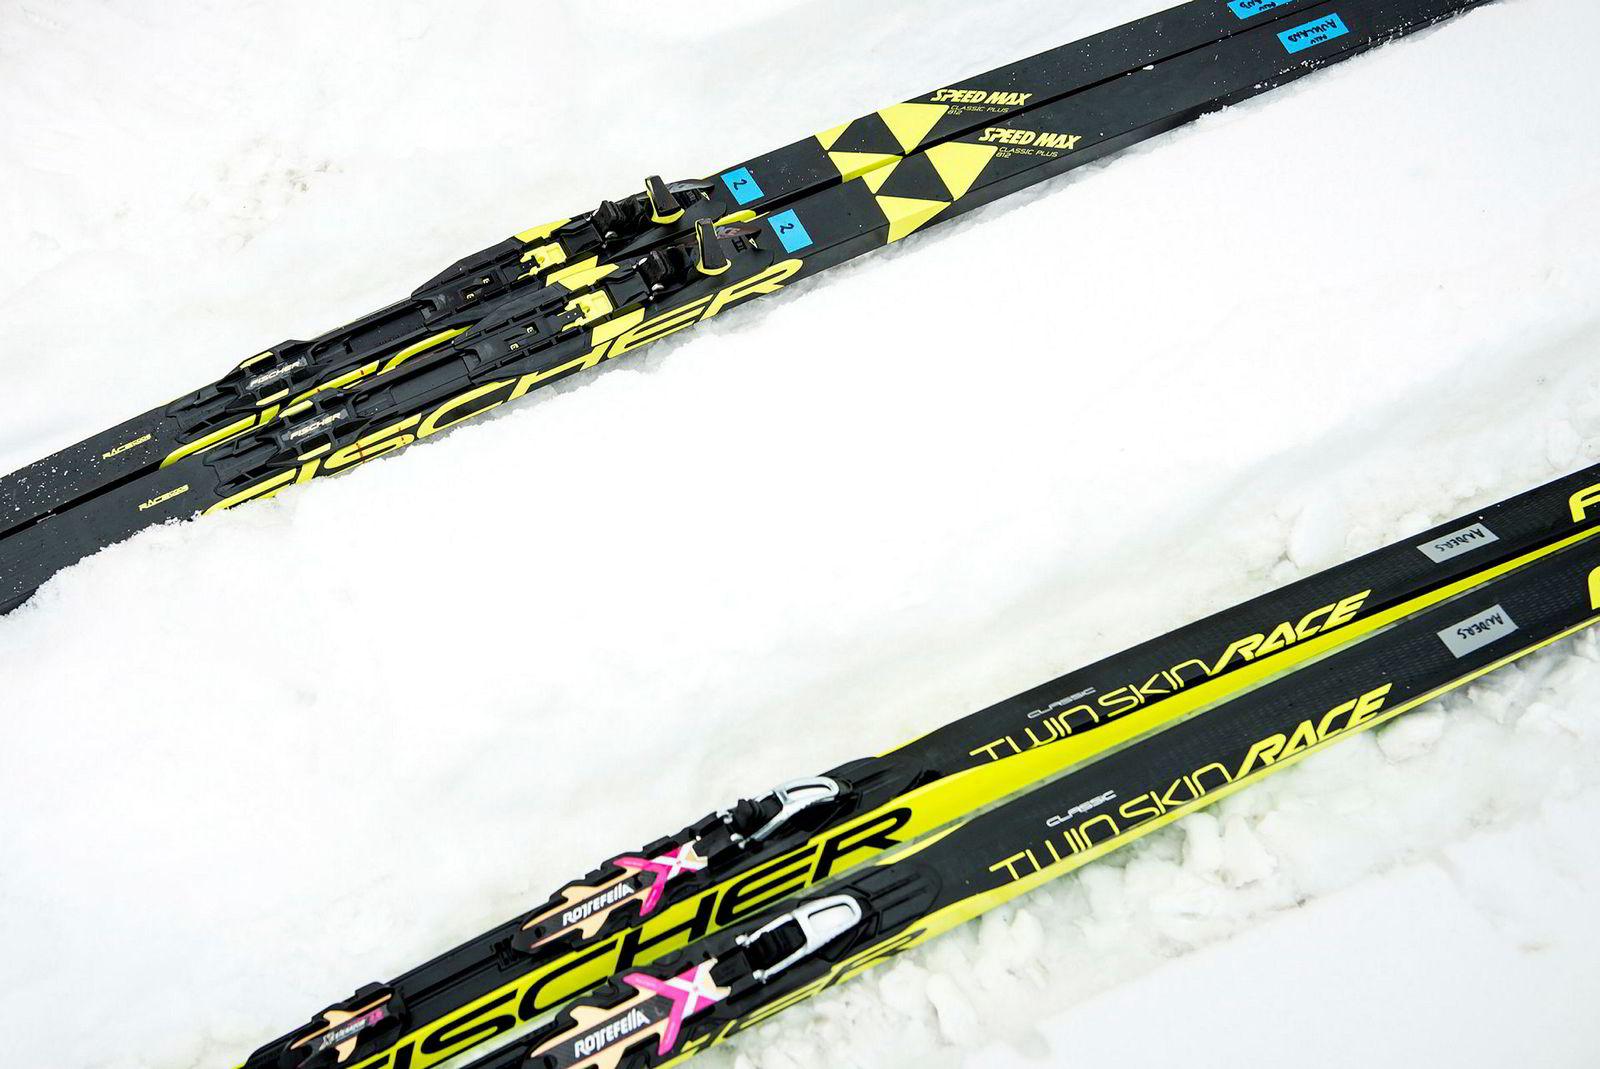 Aukland-brødrene skal krysse Grønland med racing-ski, og tester blant annet felleski før turen.